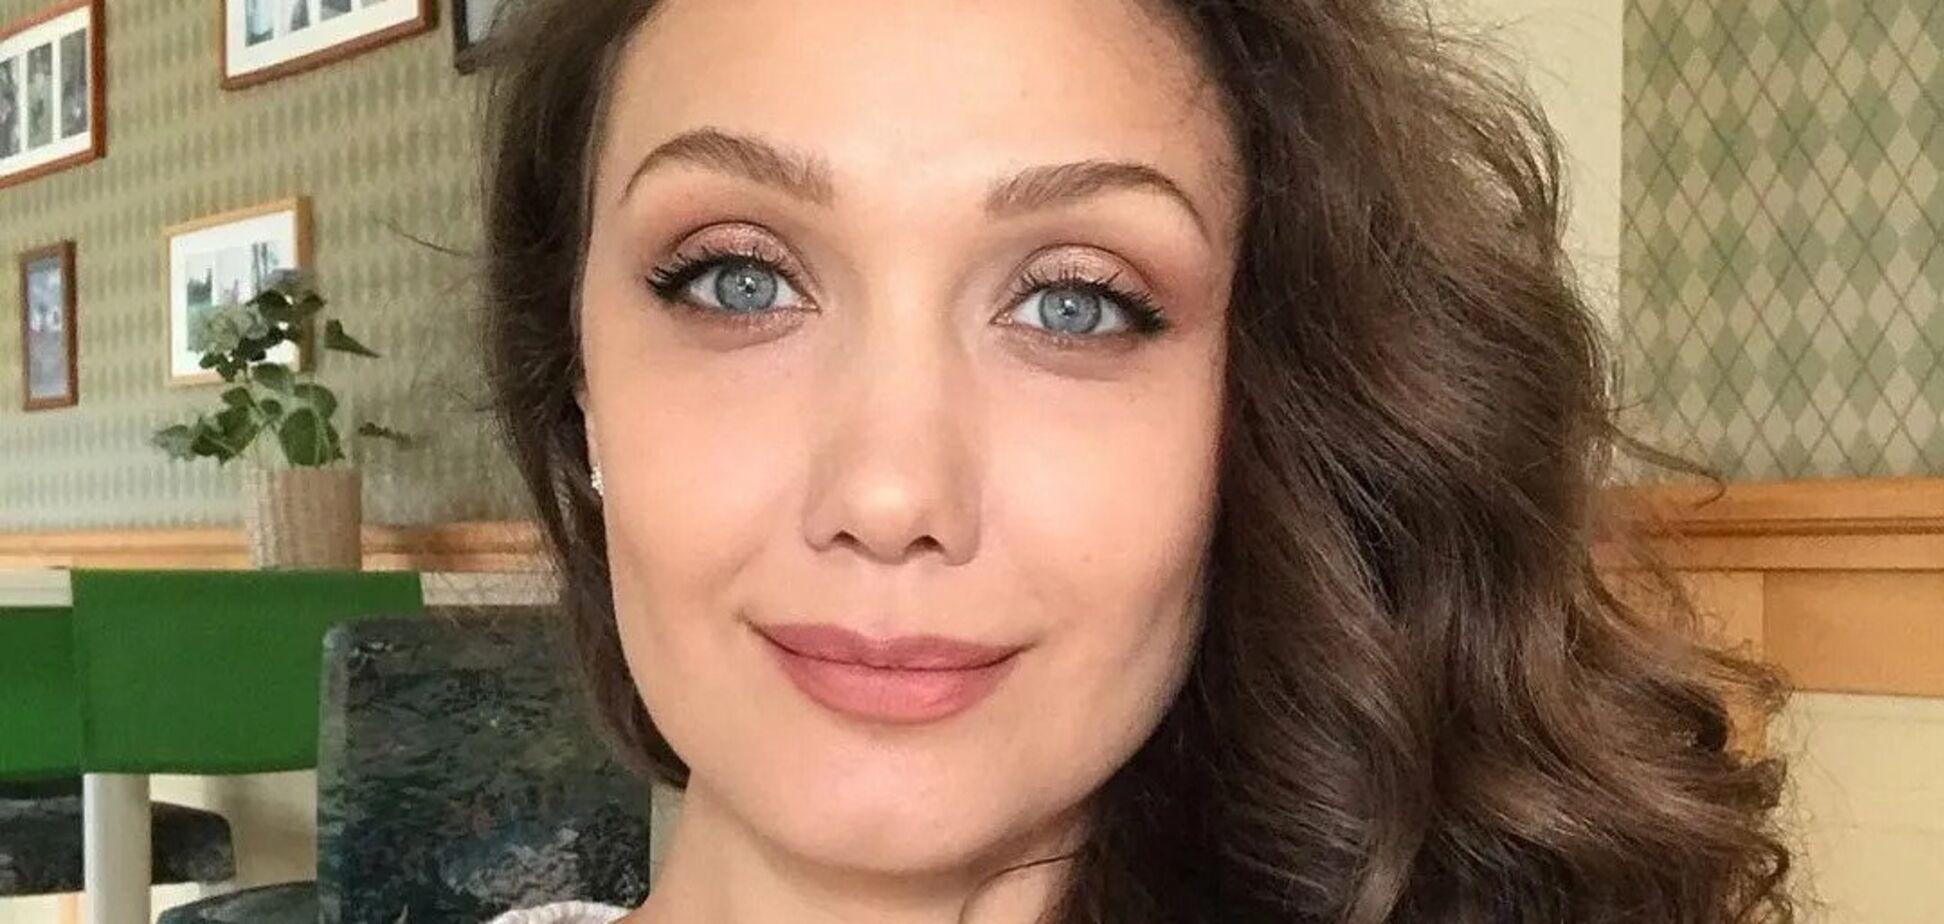 Євгенія Власова спростувала чутки про повернення в шоу-бізнес